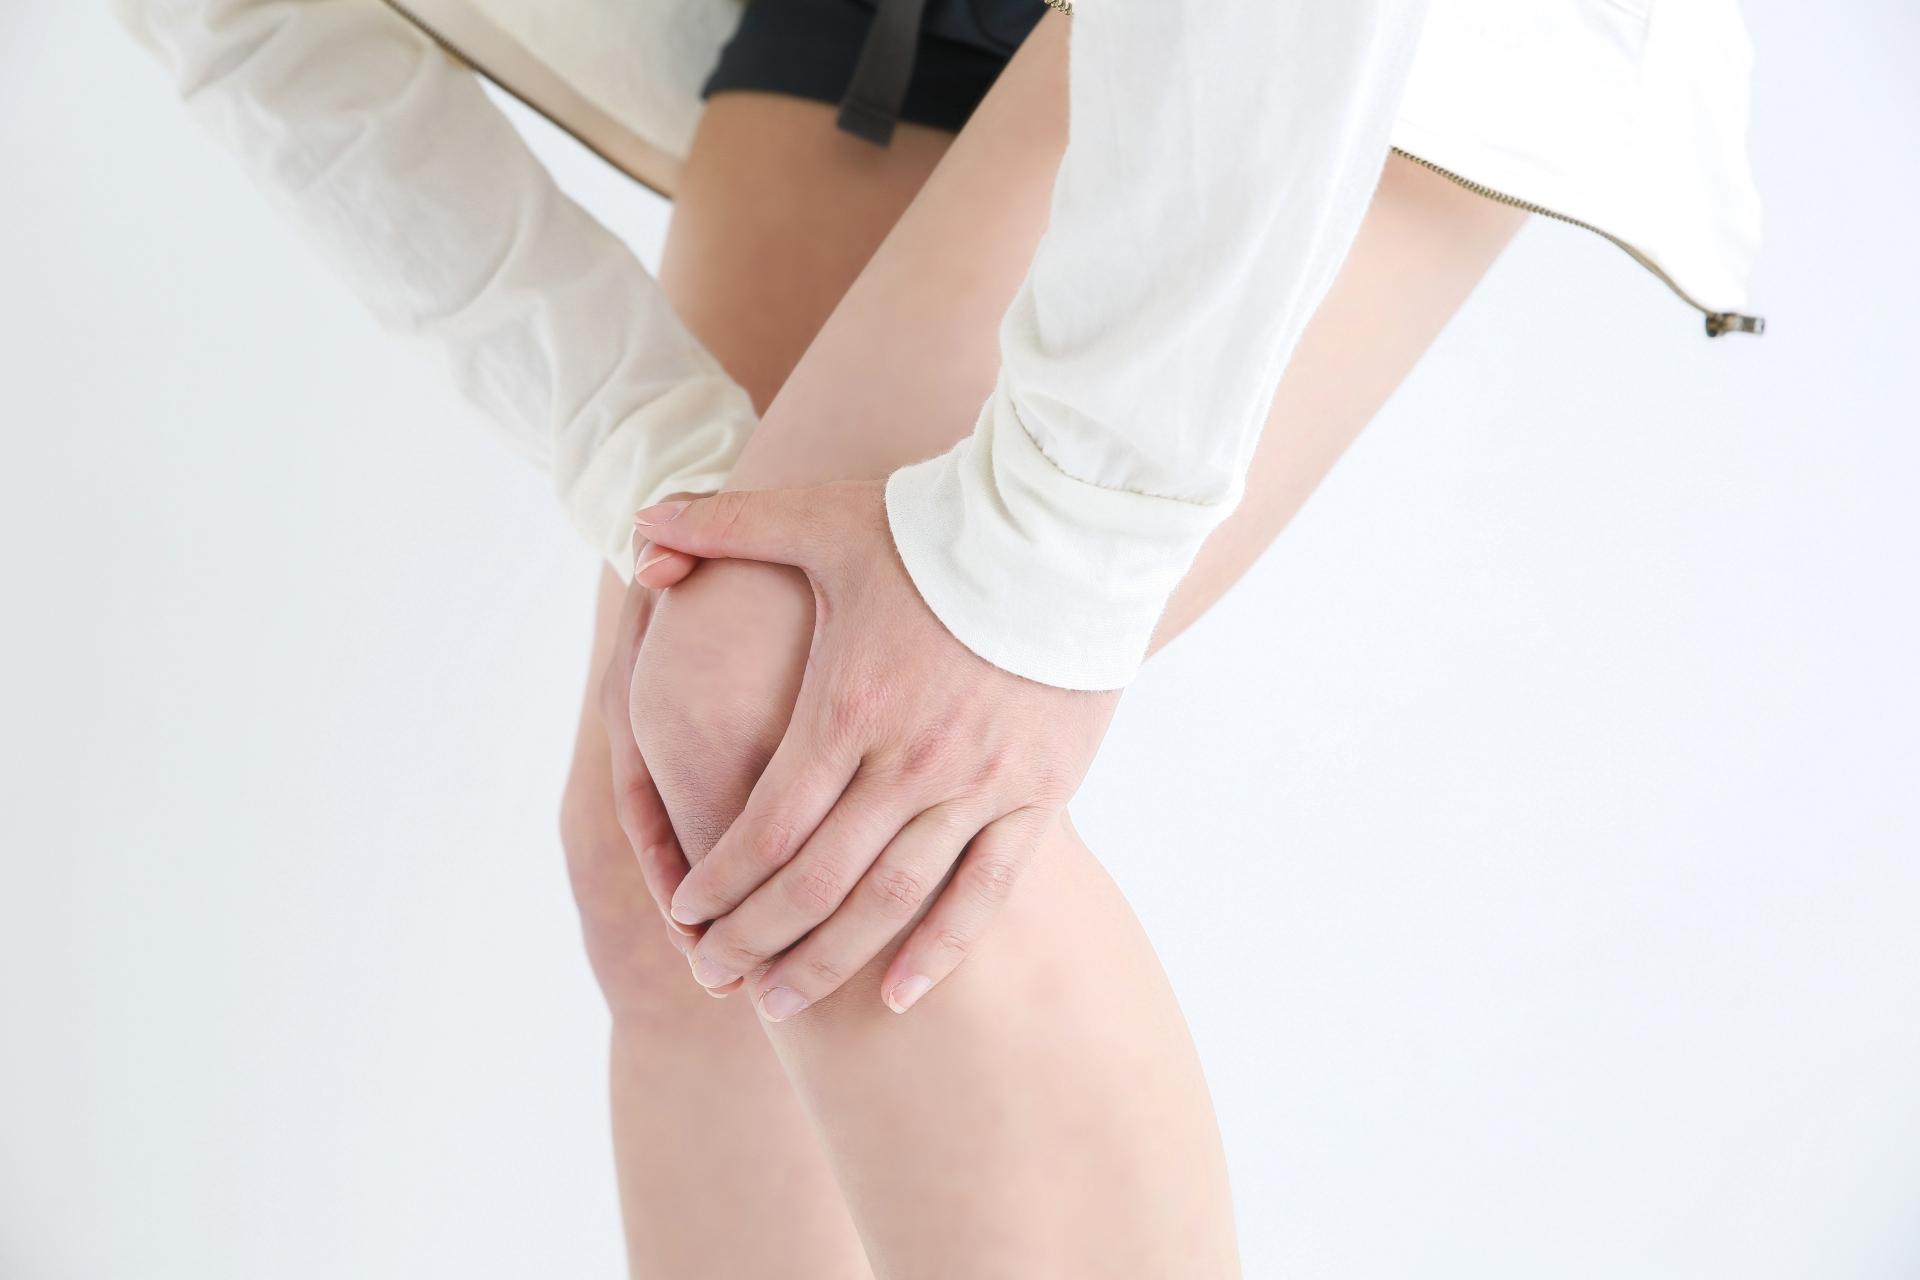 急に身長がのびて膝が痛ければココをみる